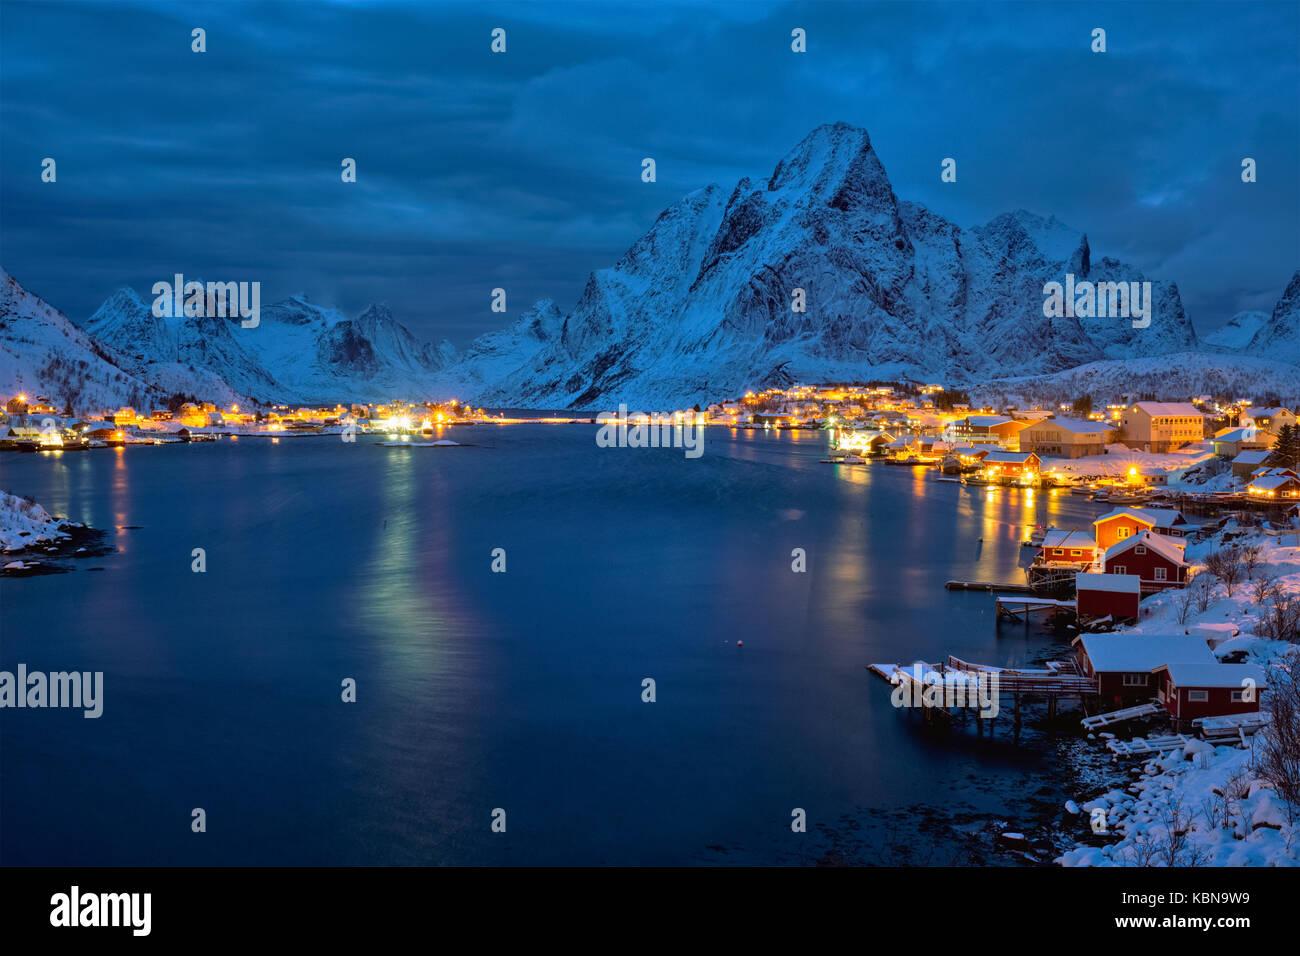 Reine village at night. Lofoten islands, Norway Stock Photo